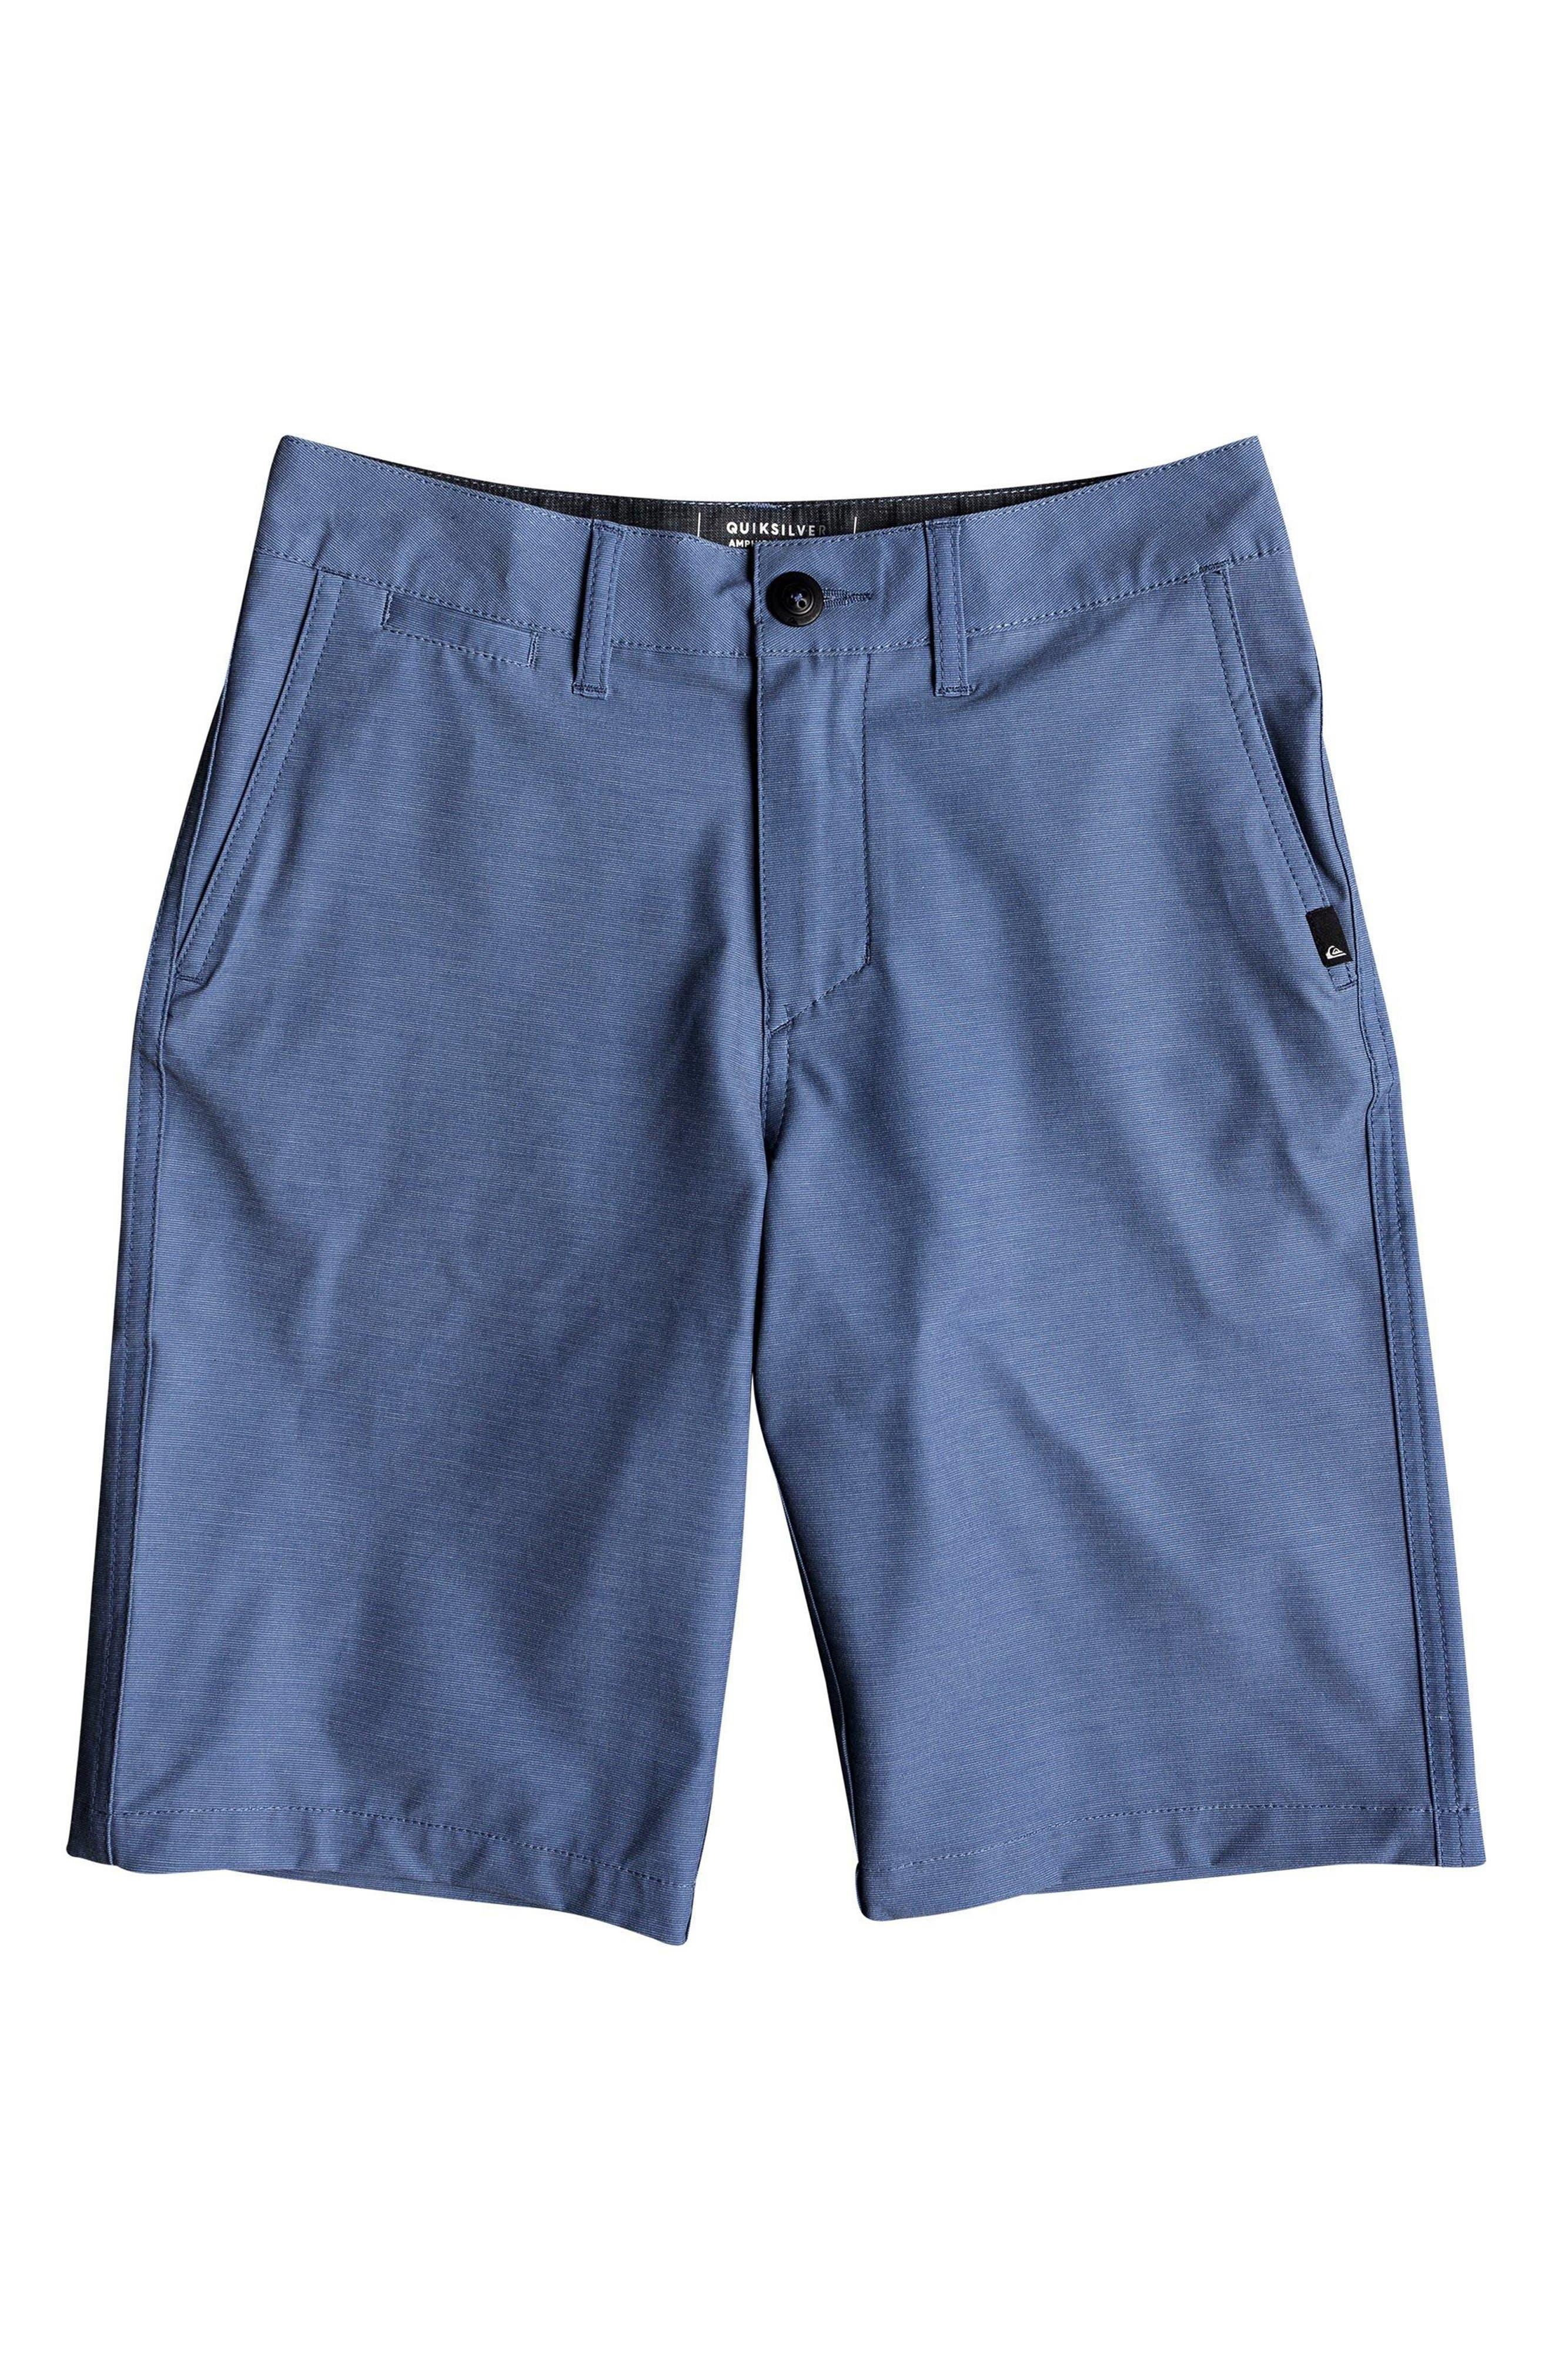 QUIKSILVER Union Heather Amphibian Hybrid Shorts, Main, color, BIJOU BLUE